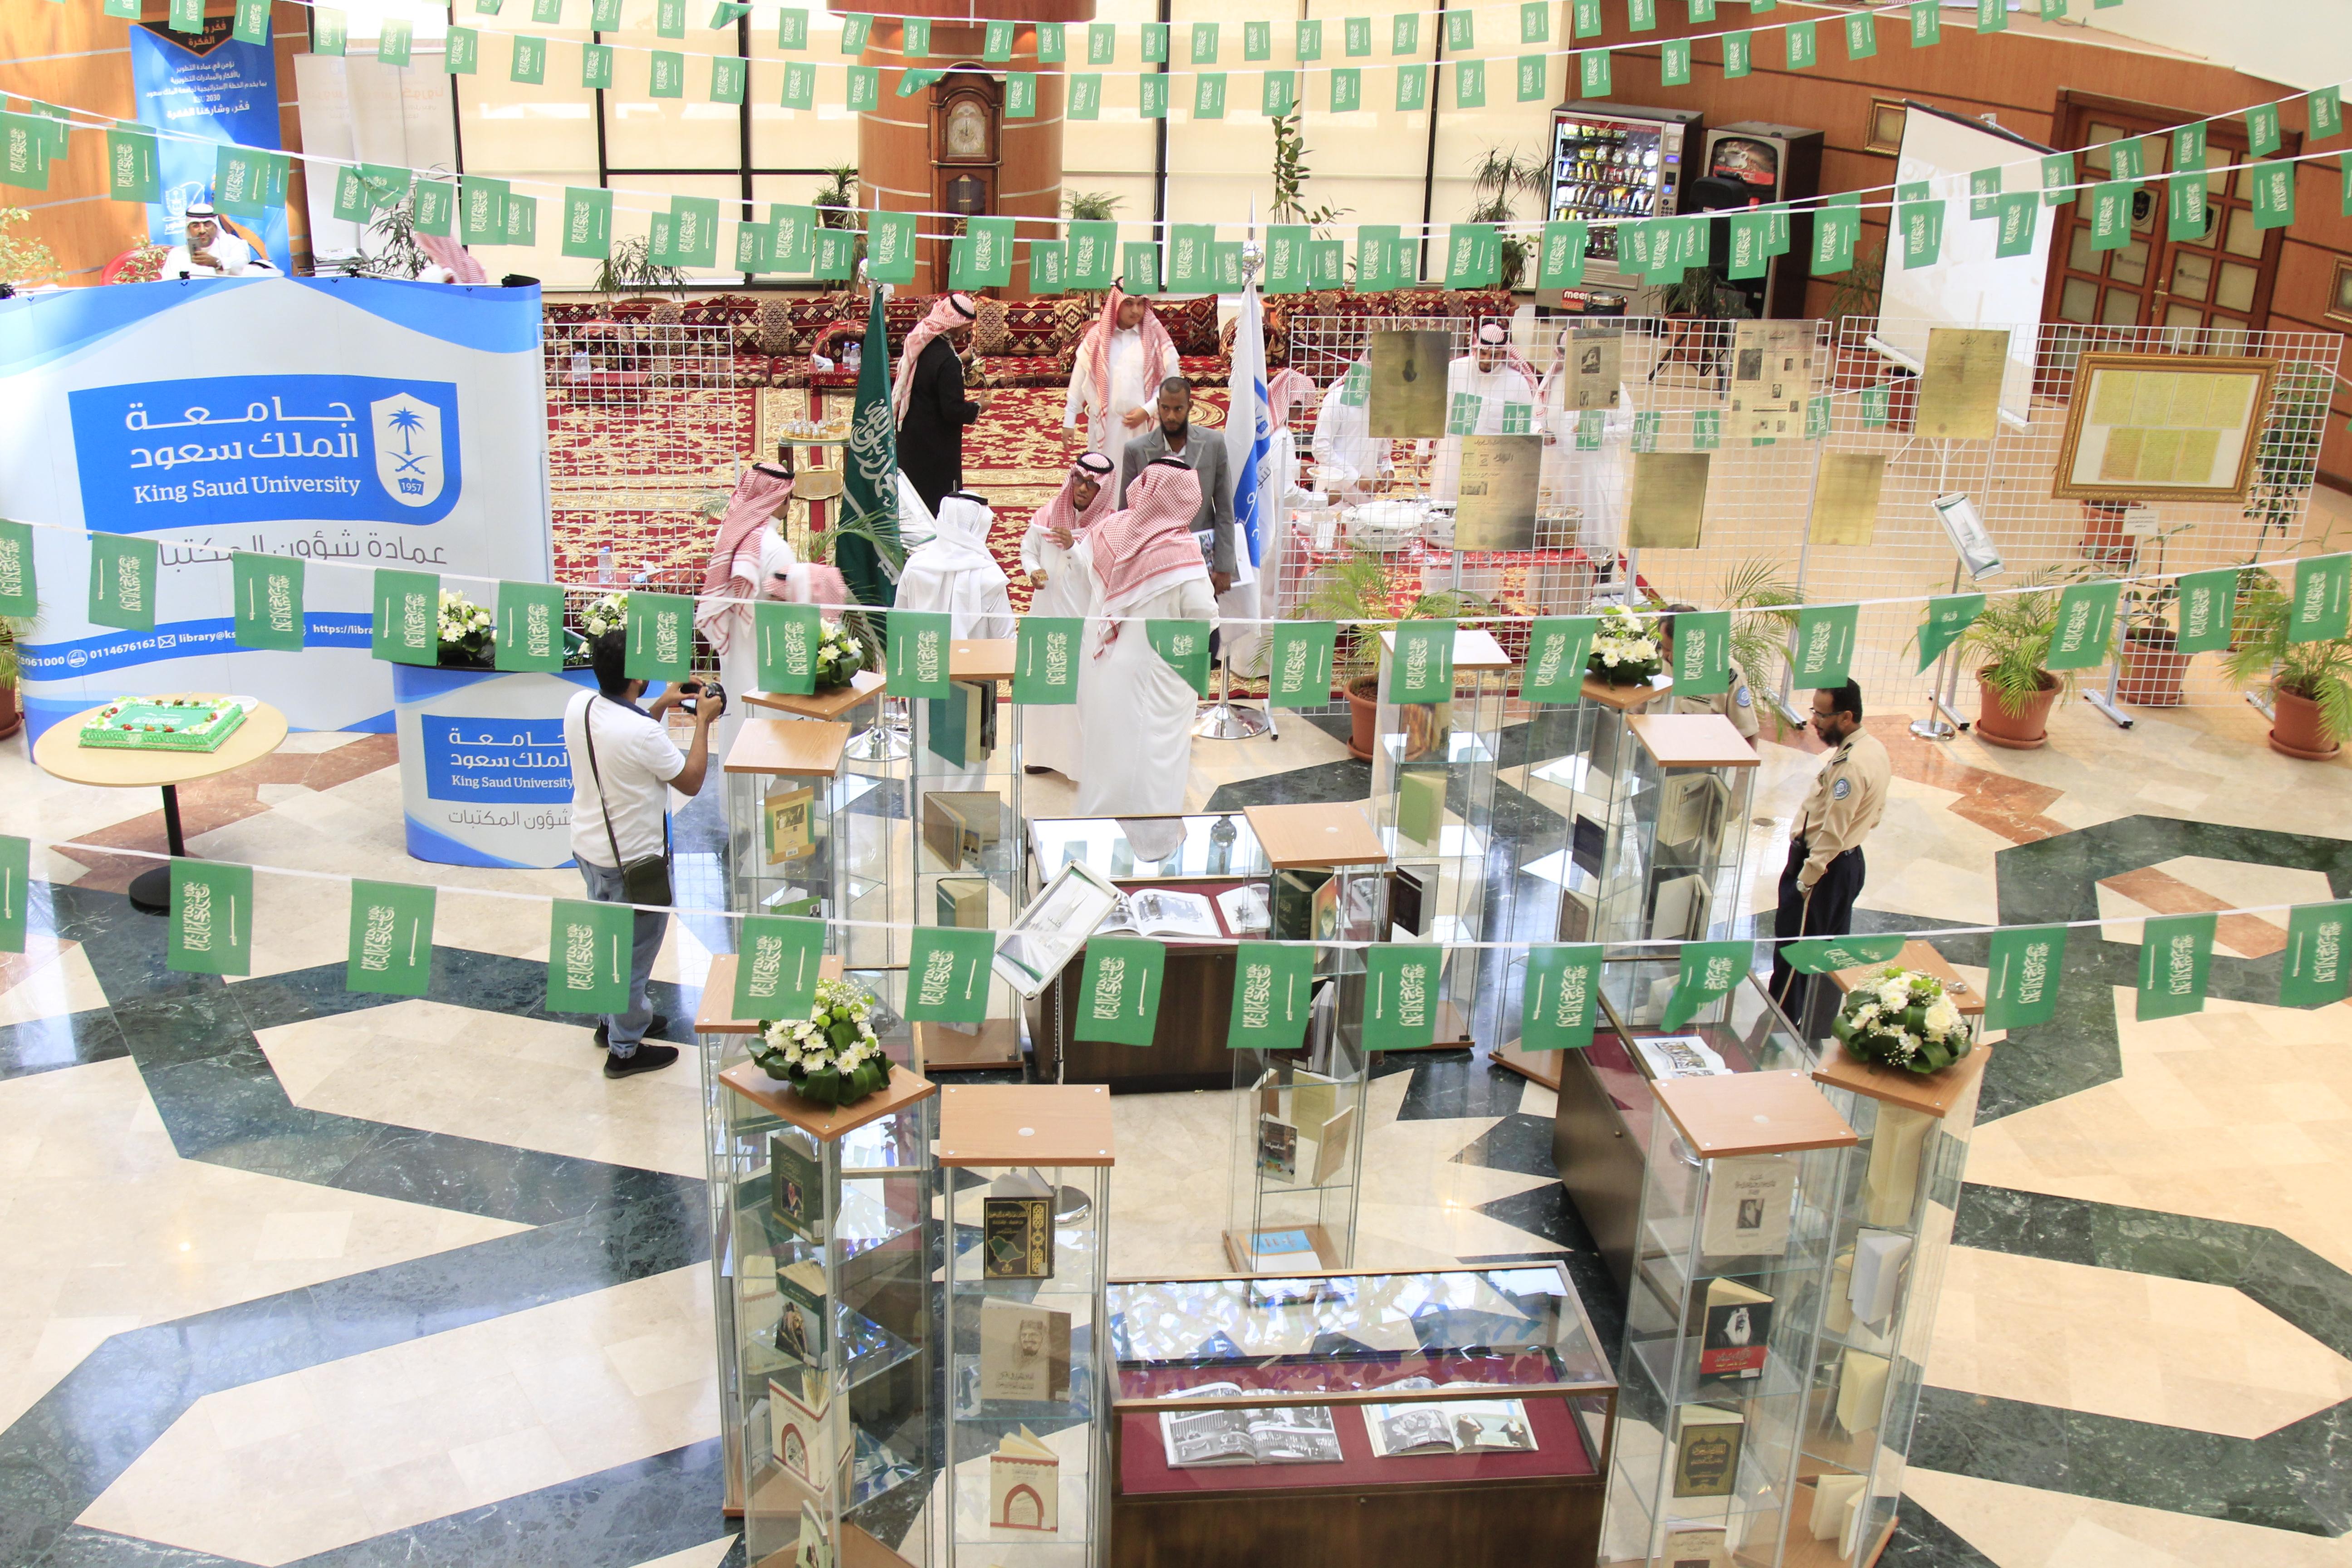 عمادة شؤون المكتبات تتوشح بالأخضر وتحيي اليوم الوطني 86 بفعاليات متميزة